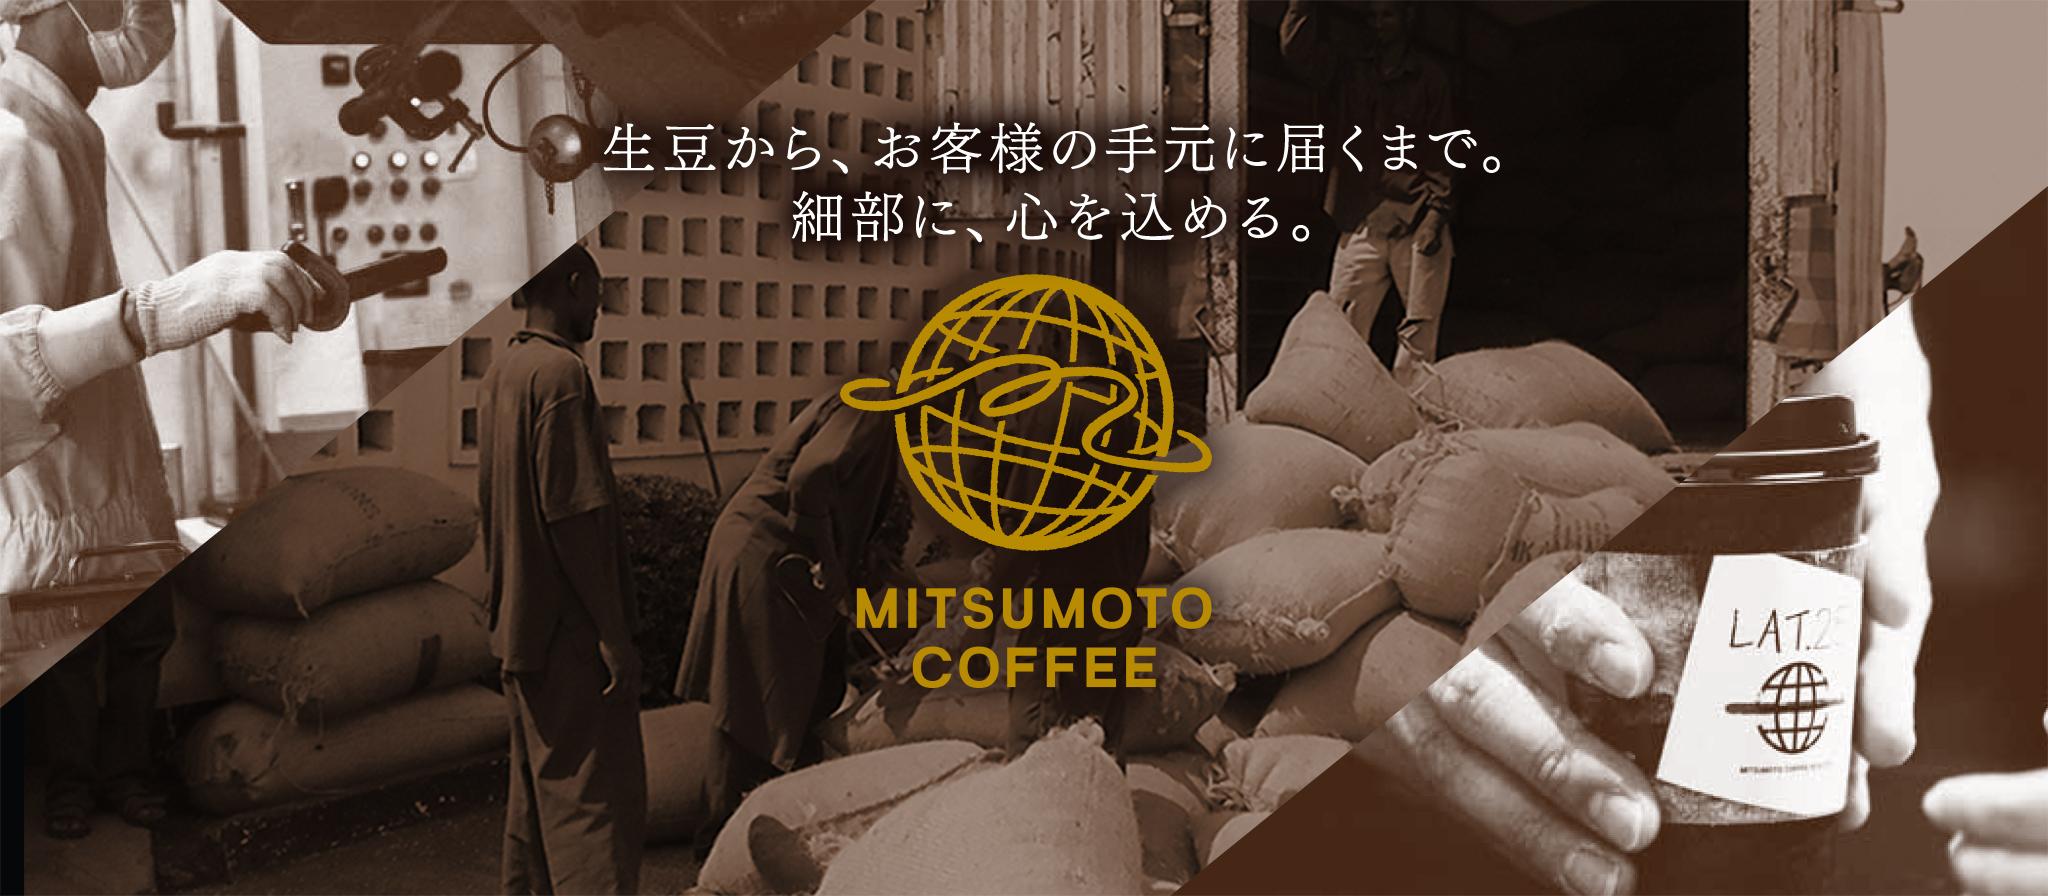 生豆から、お客様の手元に届くまで。細部に、心を込める。MITSUMOTO COFFEE